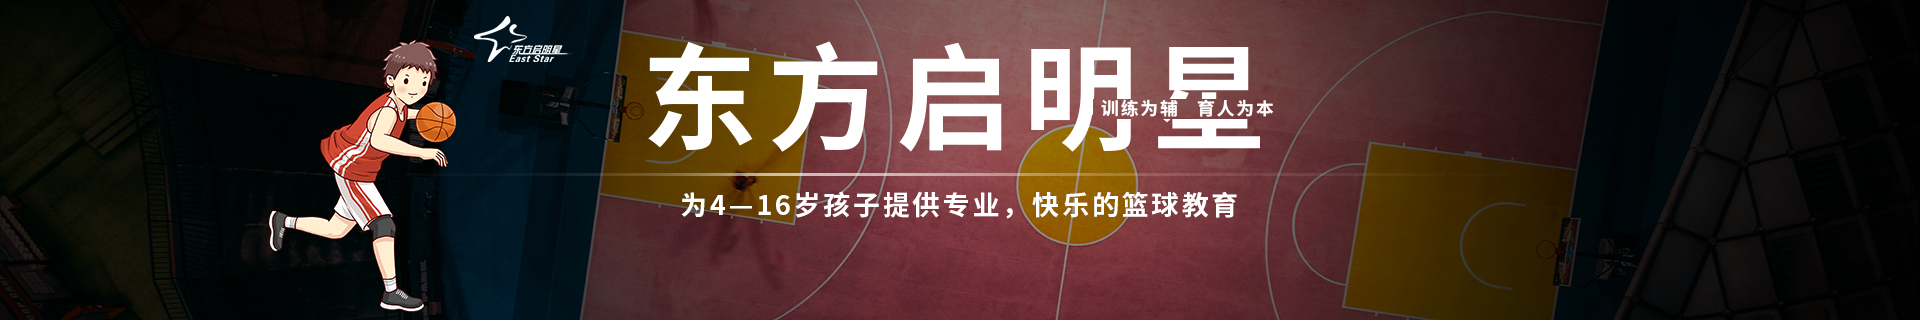 苏州工业园区东方启明星篮球培训